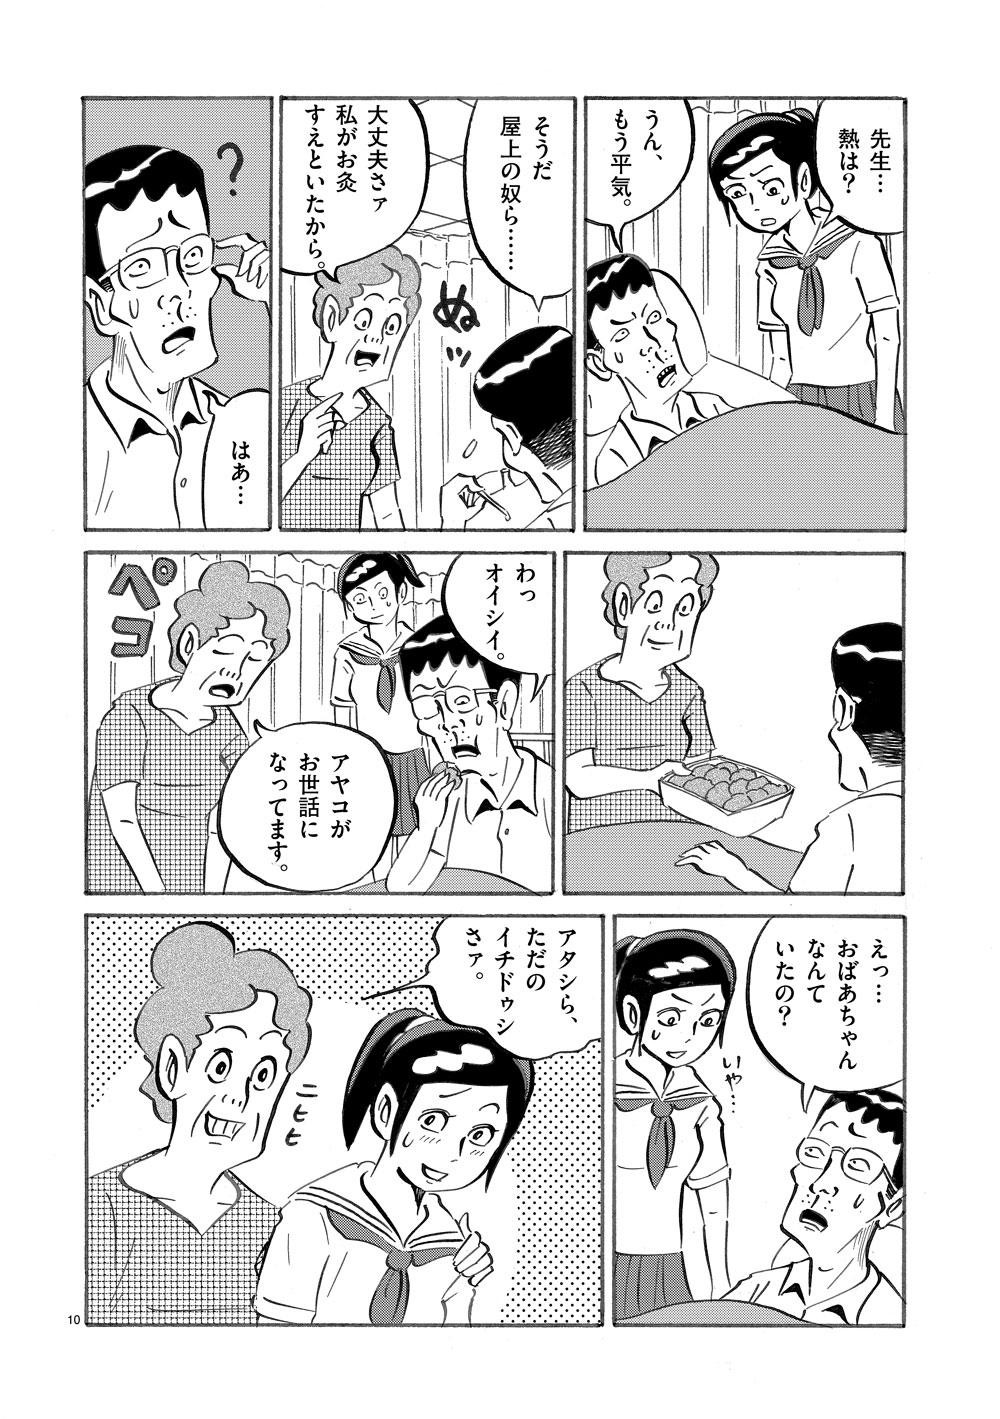 琉球怪談 【第11話】WEB掲載10ページ目画像